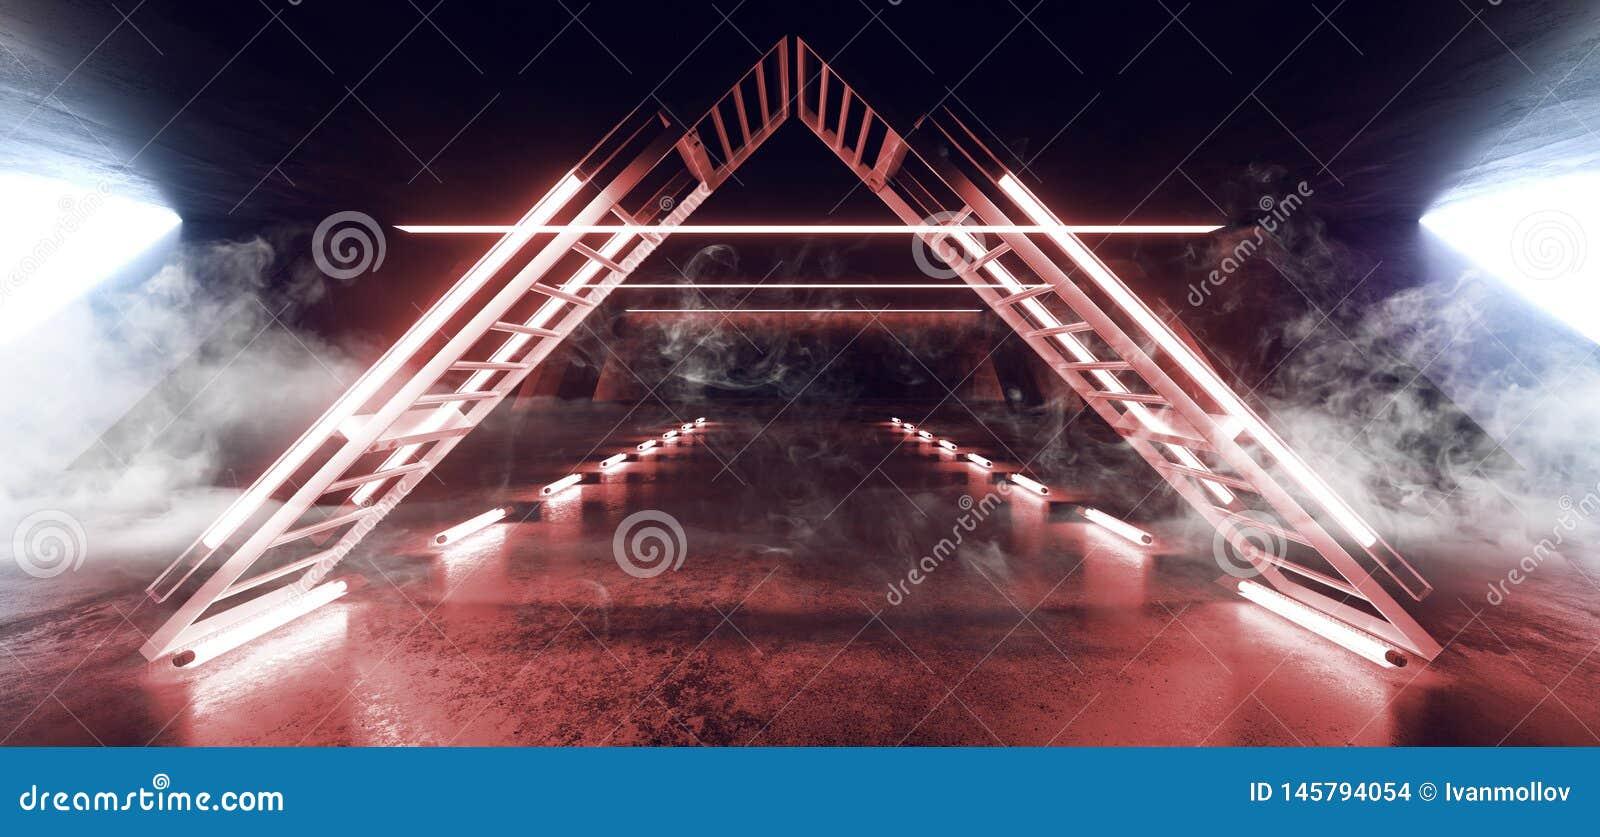 Dreieck-Struktur-vibrierendes Neon-glühende weiße gelb-orangee Lichter Rauch Sci FI Leuchtstoff im enormer dunkler Zement-konkret